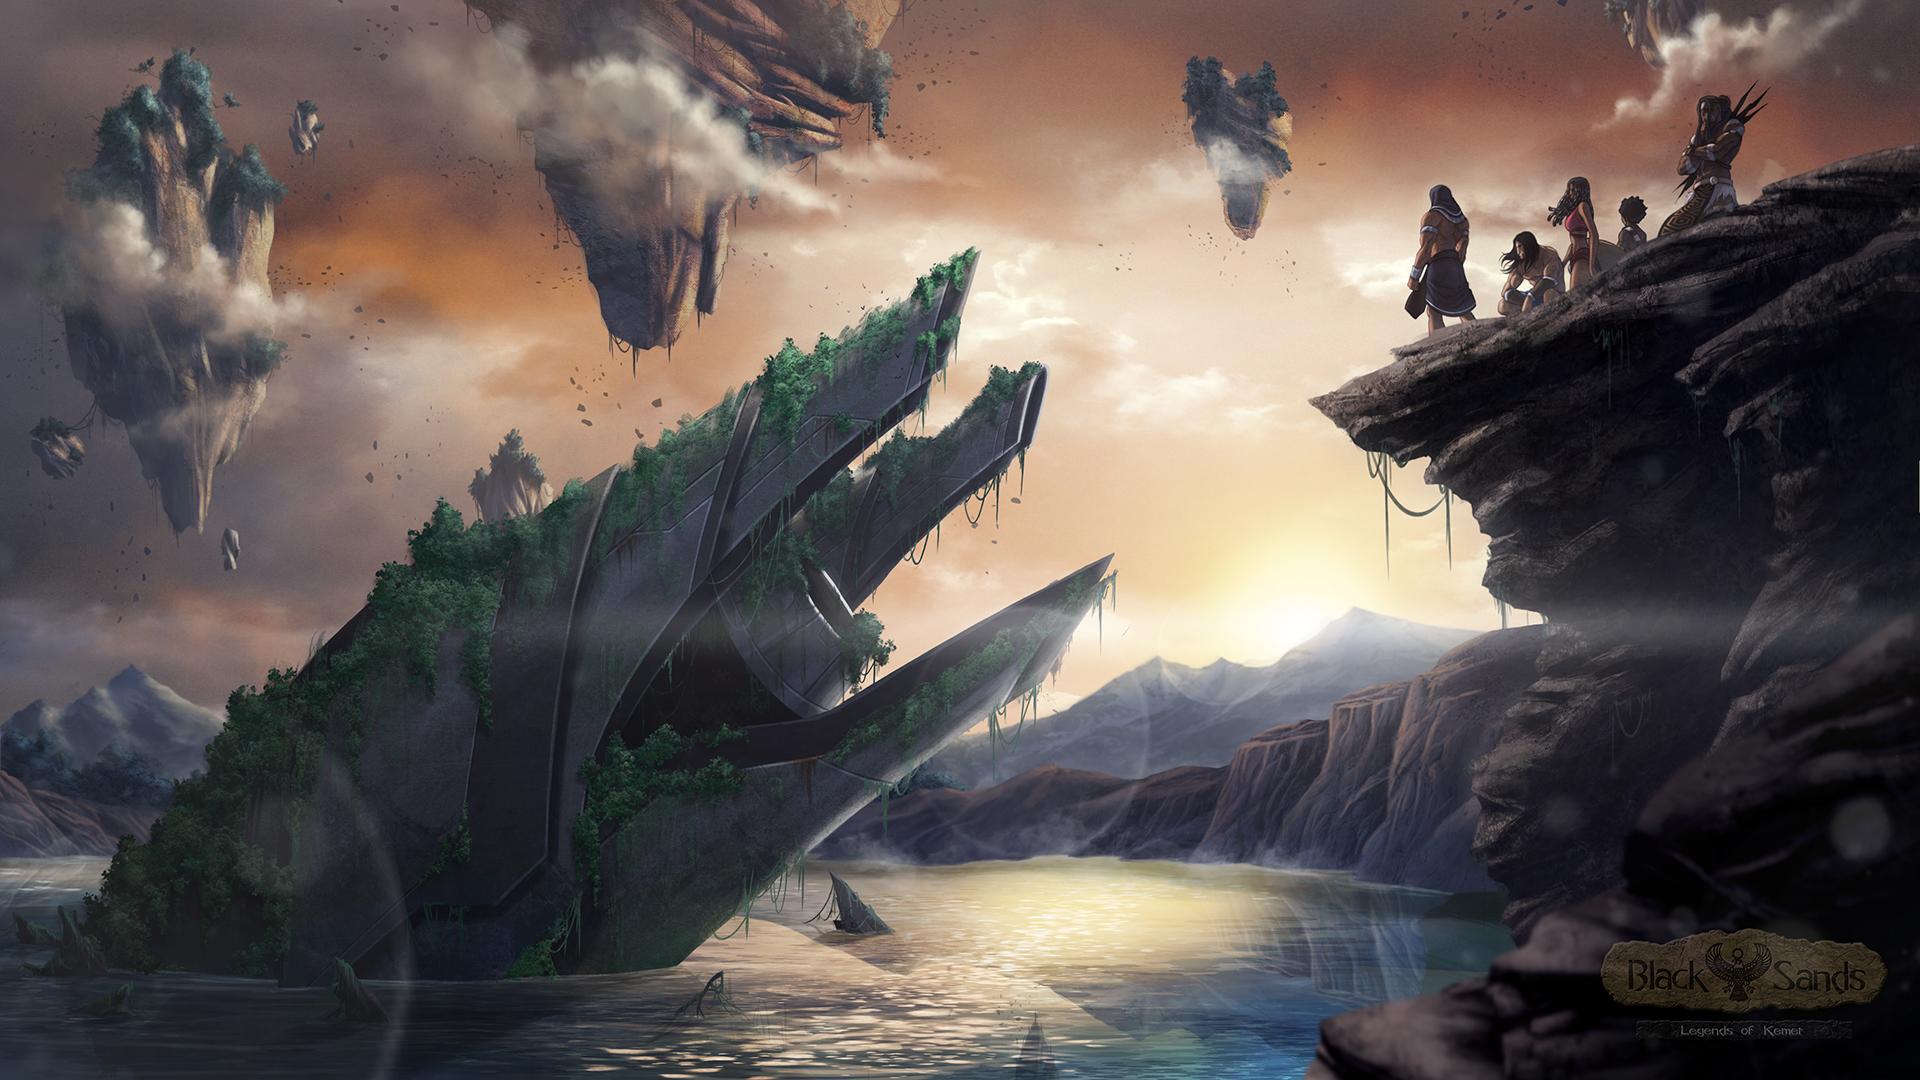 Black Sands, Legends of Kemet